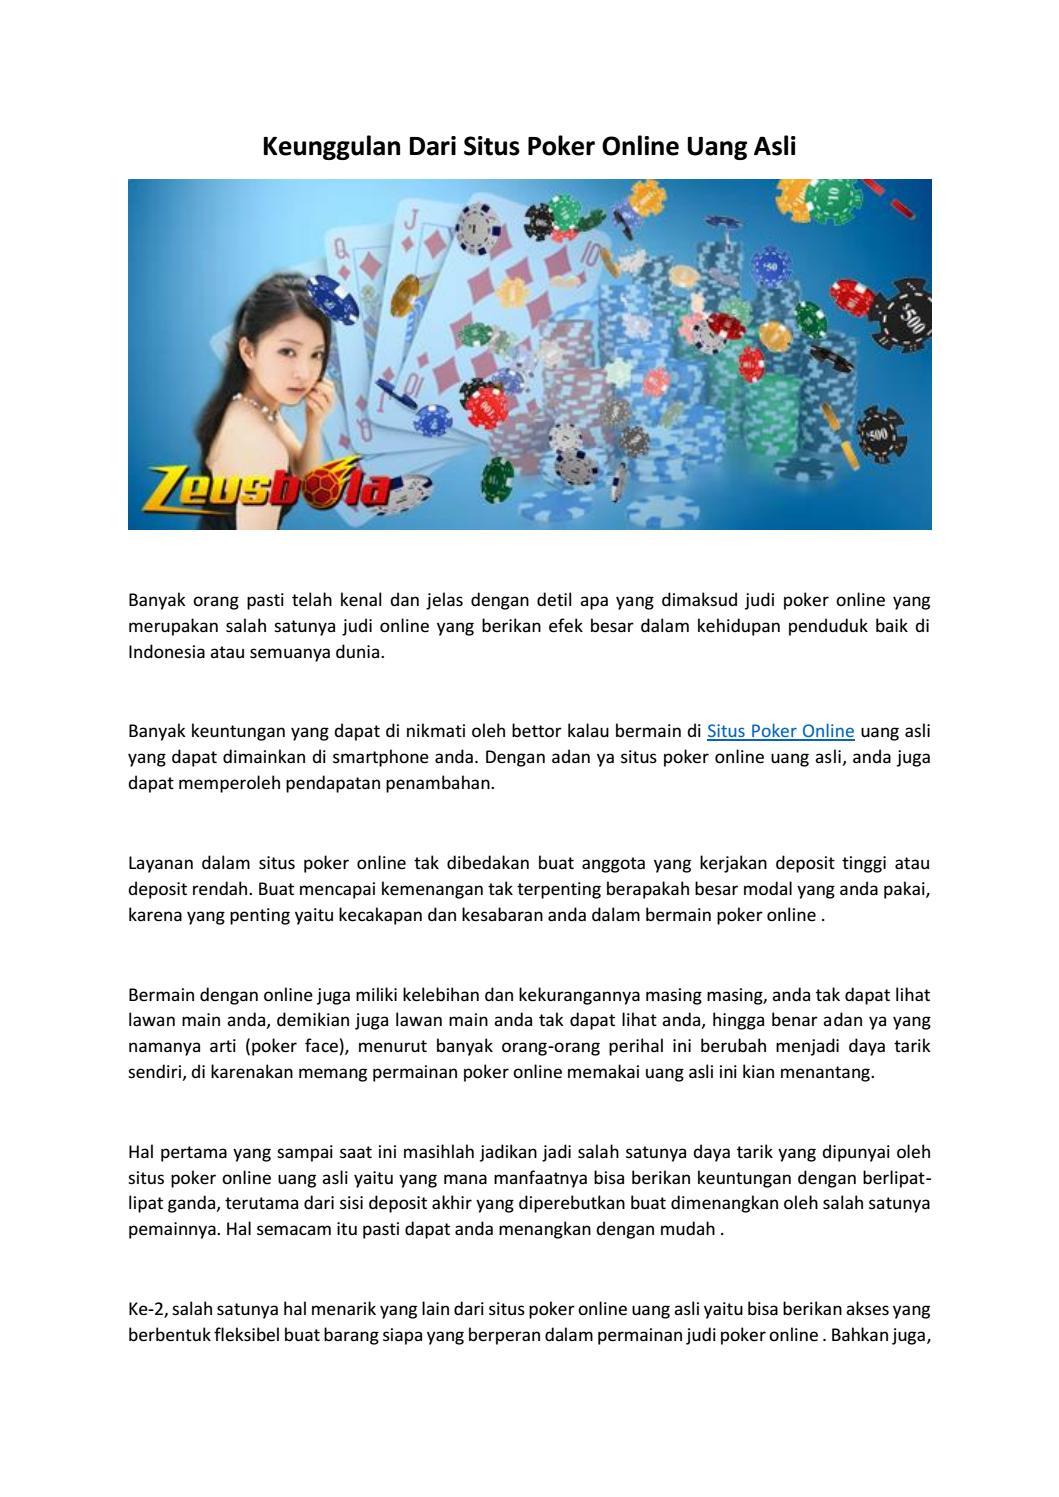 Keunggulan Dari Situs Poker Online Uang Asli By Agentzeusbola Issuu